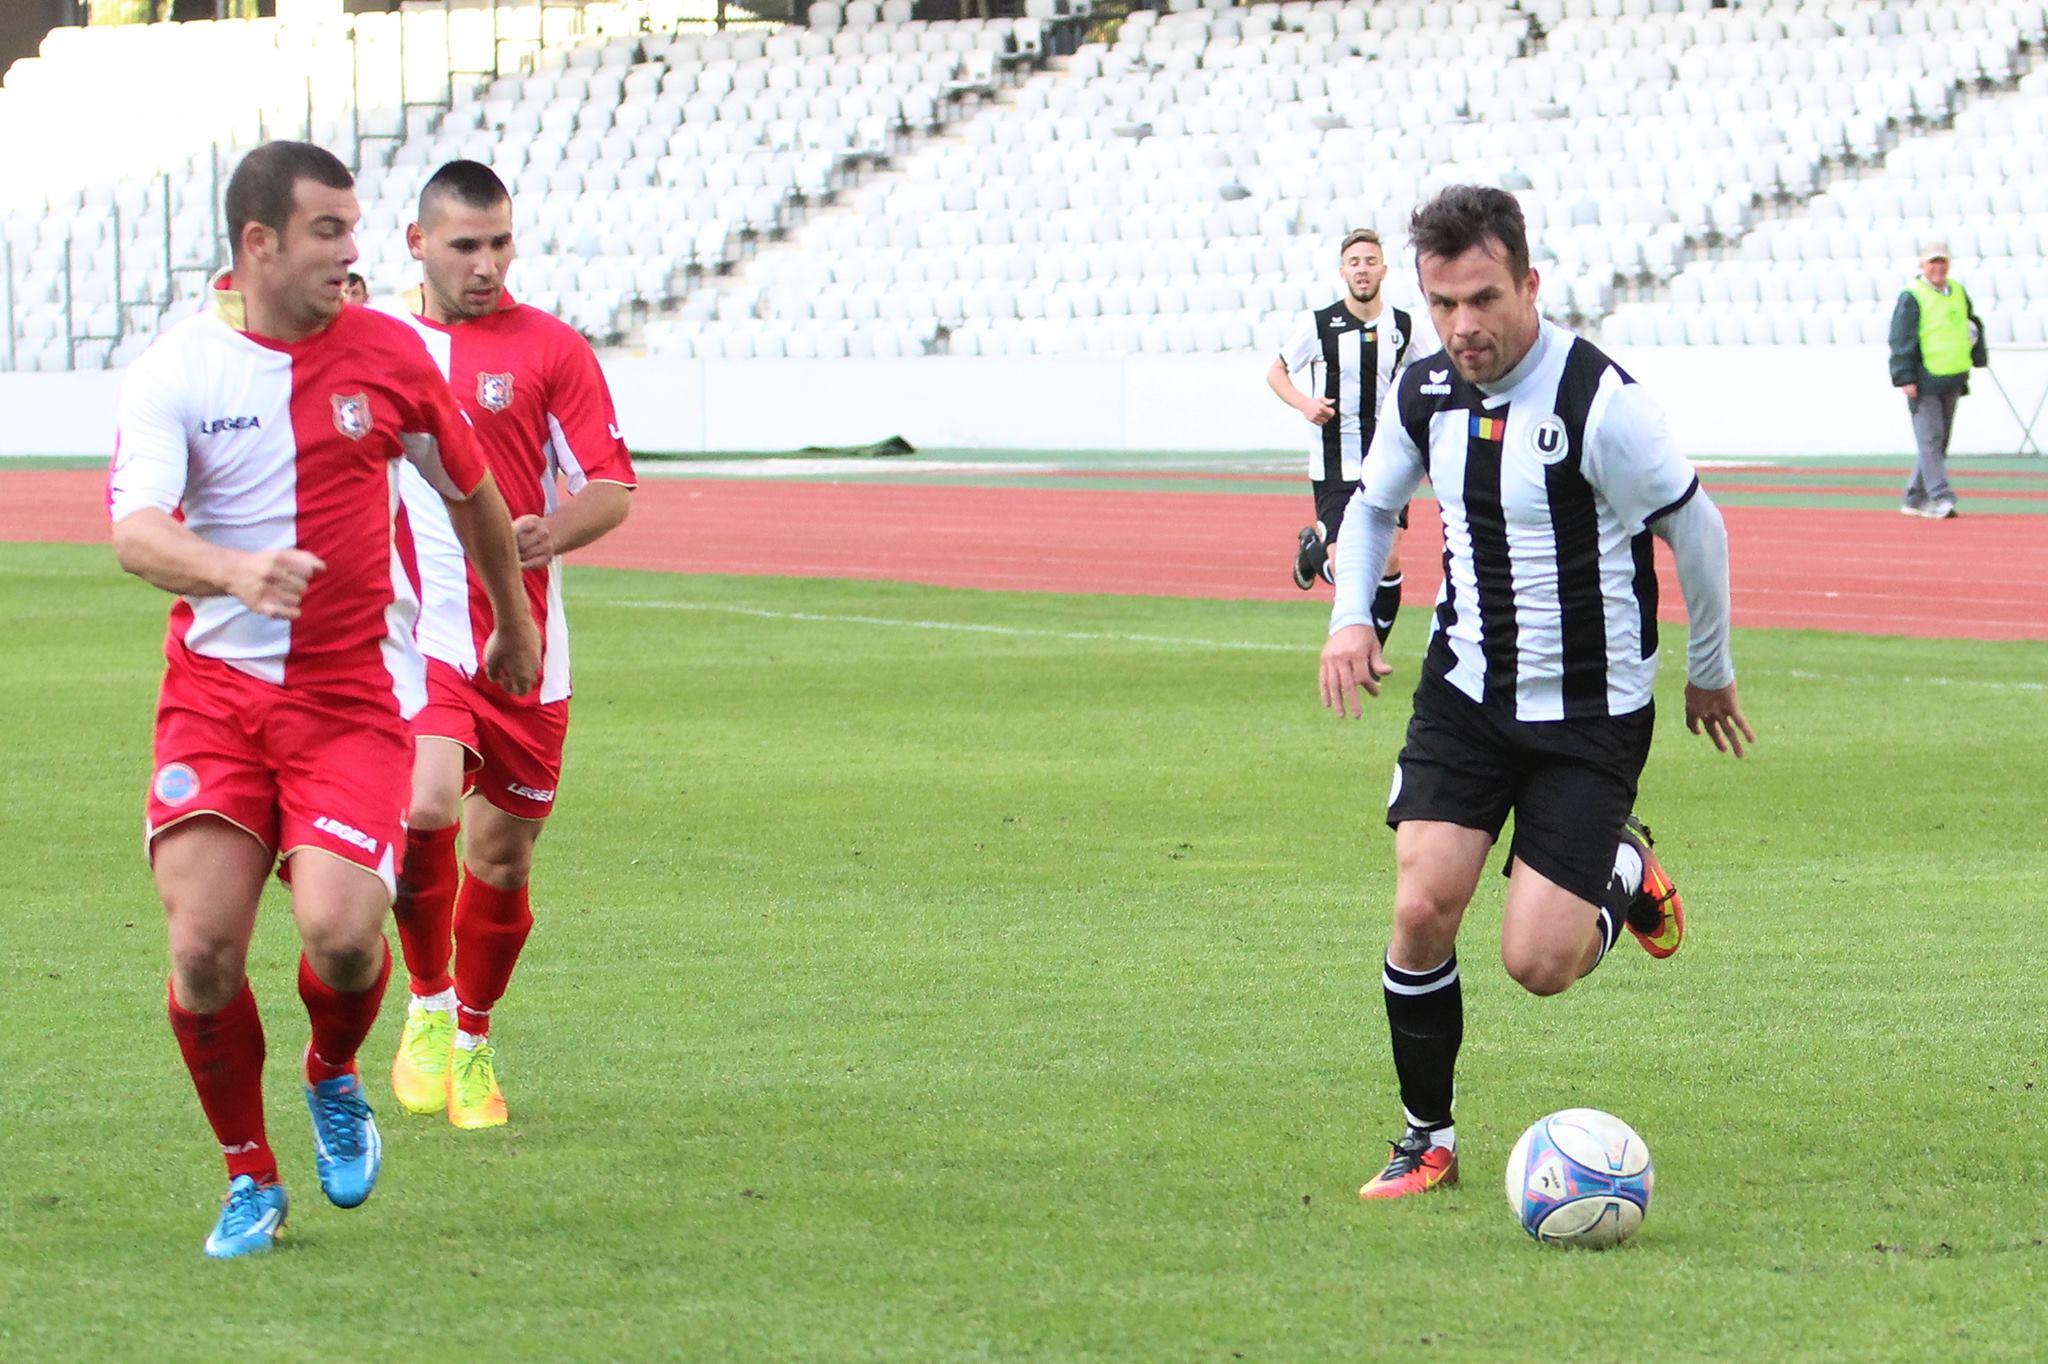 Dorin Goga (foto, în alb şi negru) a marcat două goluri în victoria Universităţi Cluj, scor 5-1, cu Sticla Turda, în Cupa României / Foto: Dan Bodea